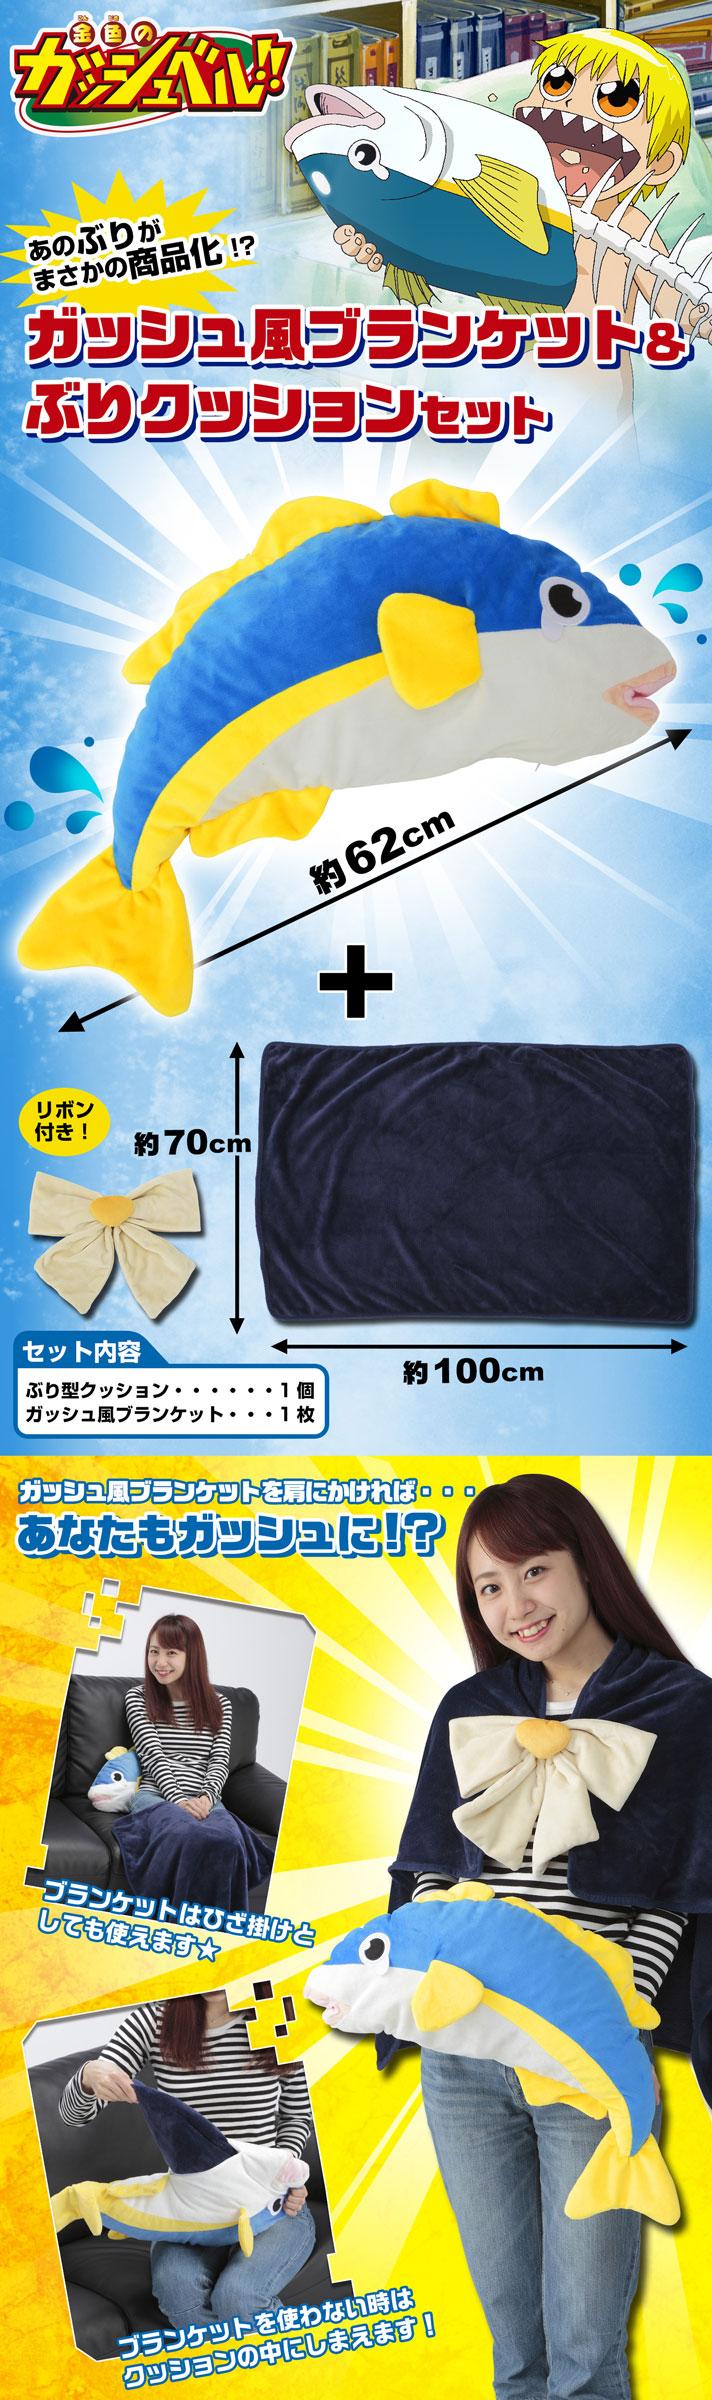 金色のガッシュベル!!ガッシュ風ブランケット&ぶりクッションセット